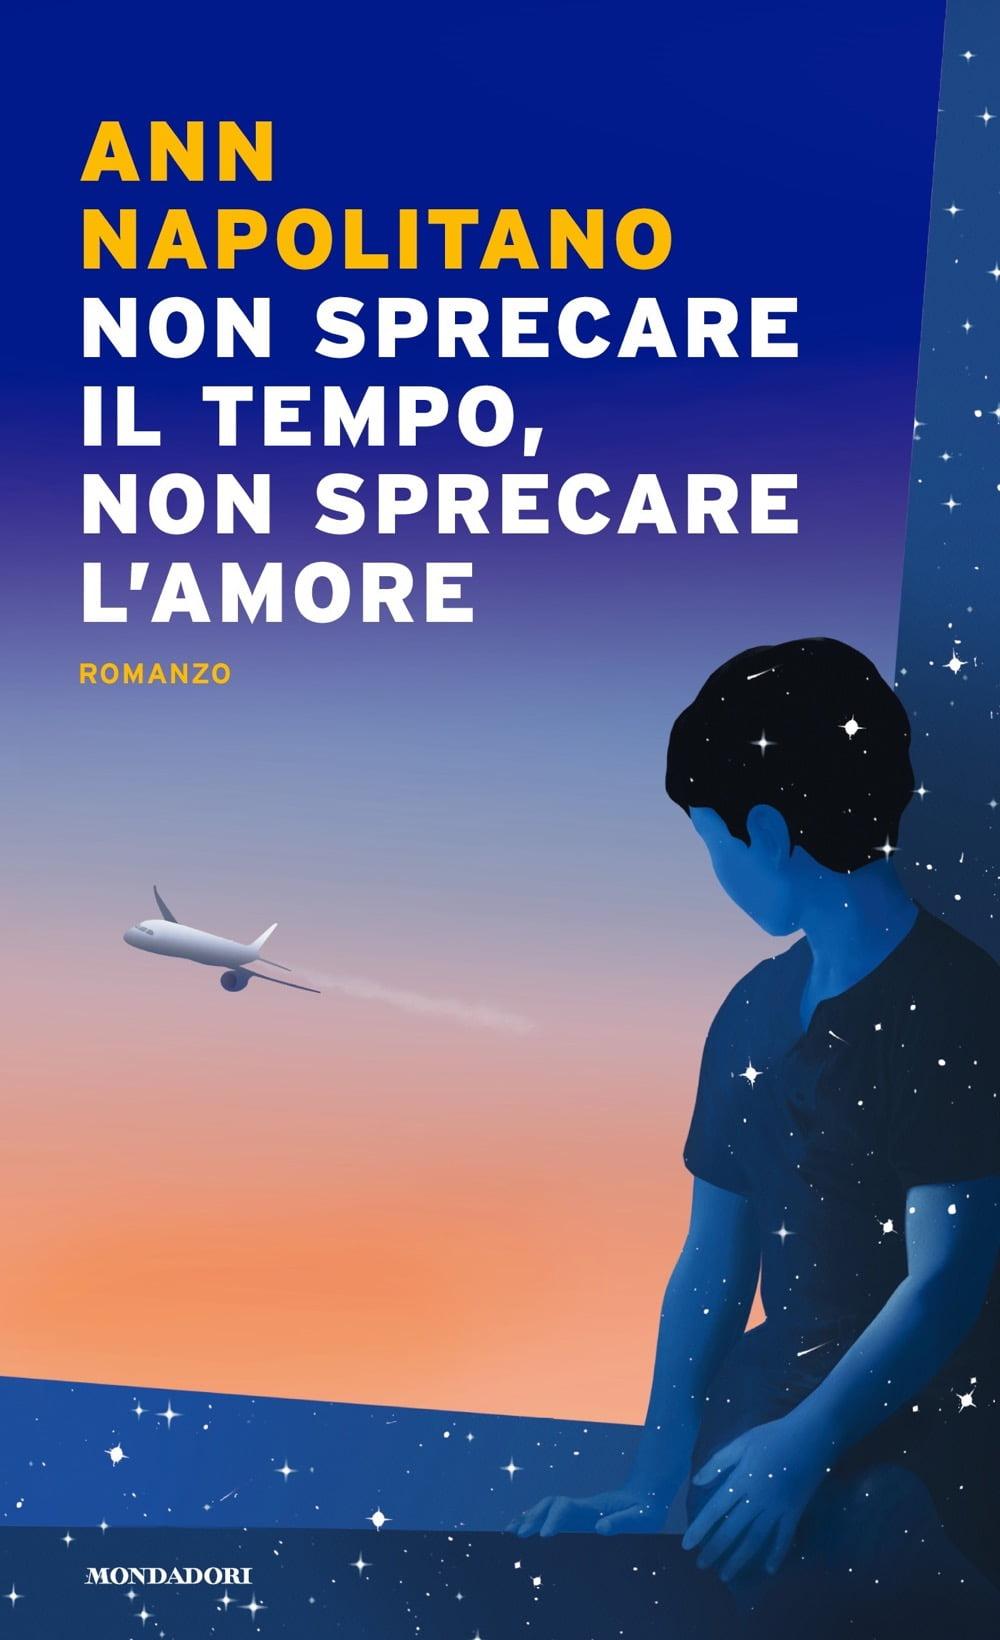 """""""Non sprecare il tempo, non sprecare l'amore"""" – Ann Napolitano"""